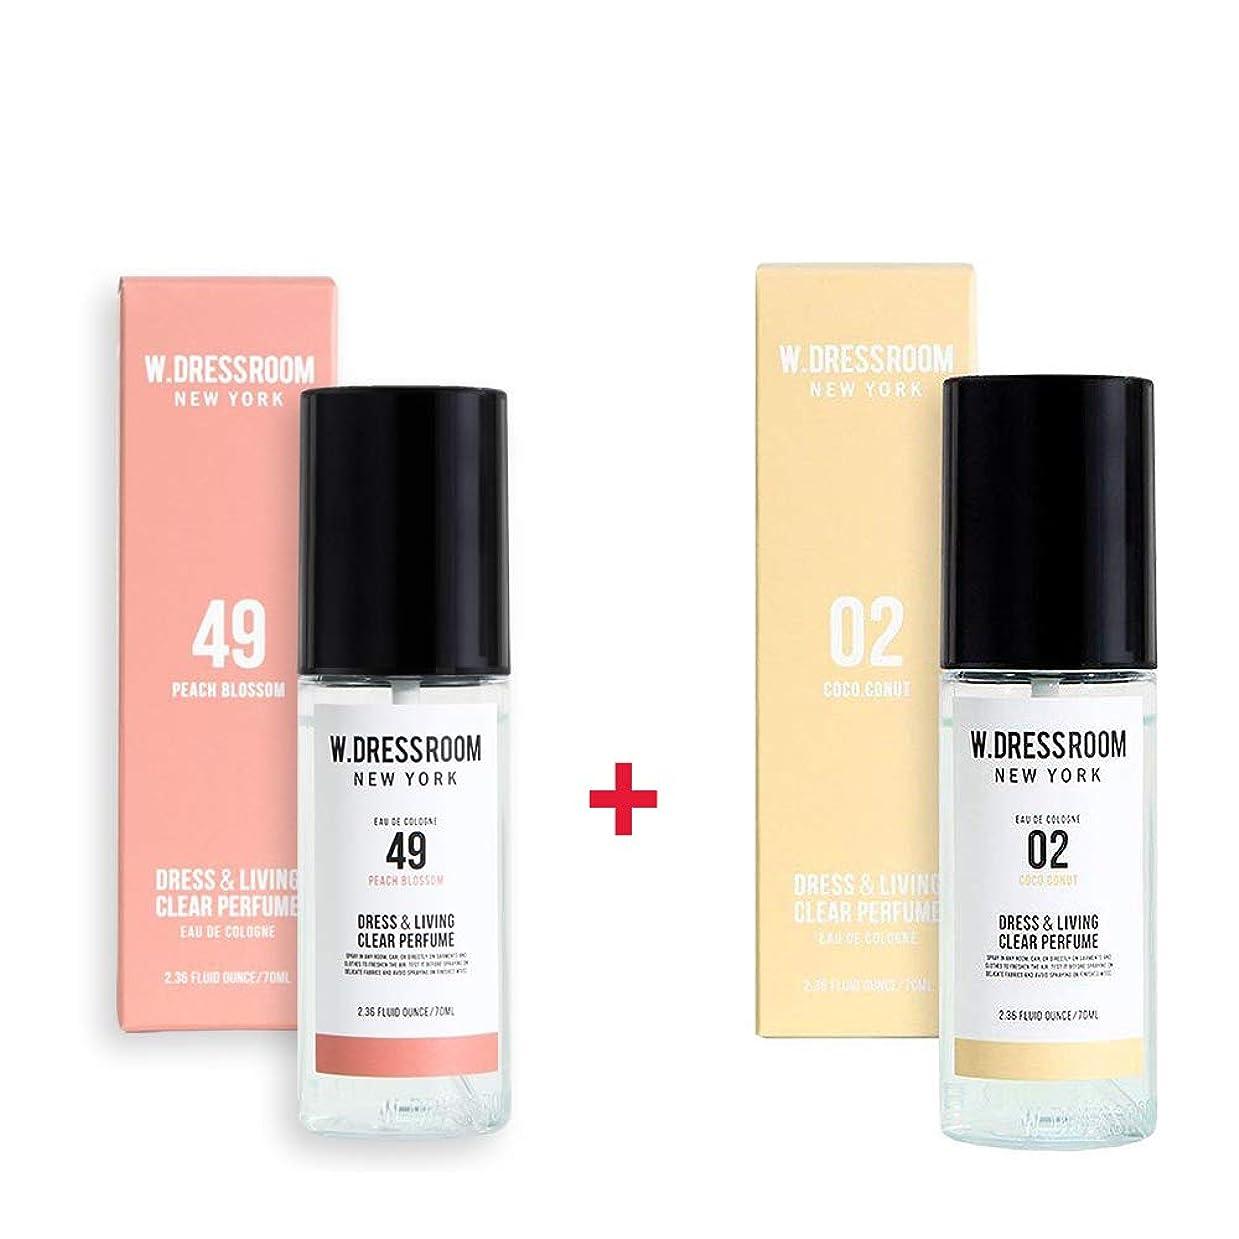 ましい神秘的な敵対的W.DRESSROOM Dress & Living Clear Perfume 70ml (No 49 Peach Blossom)+(No .02 Coco Conut)